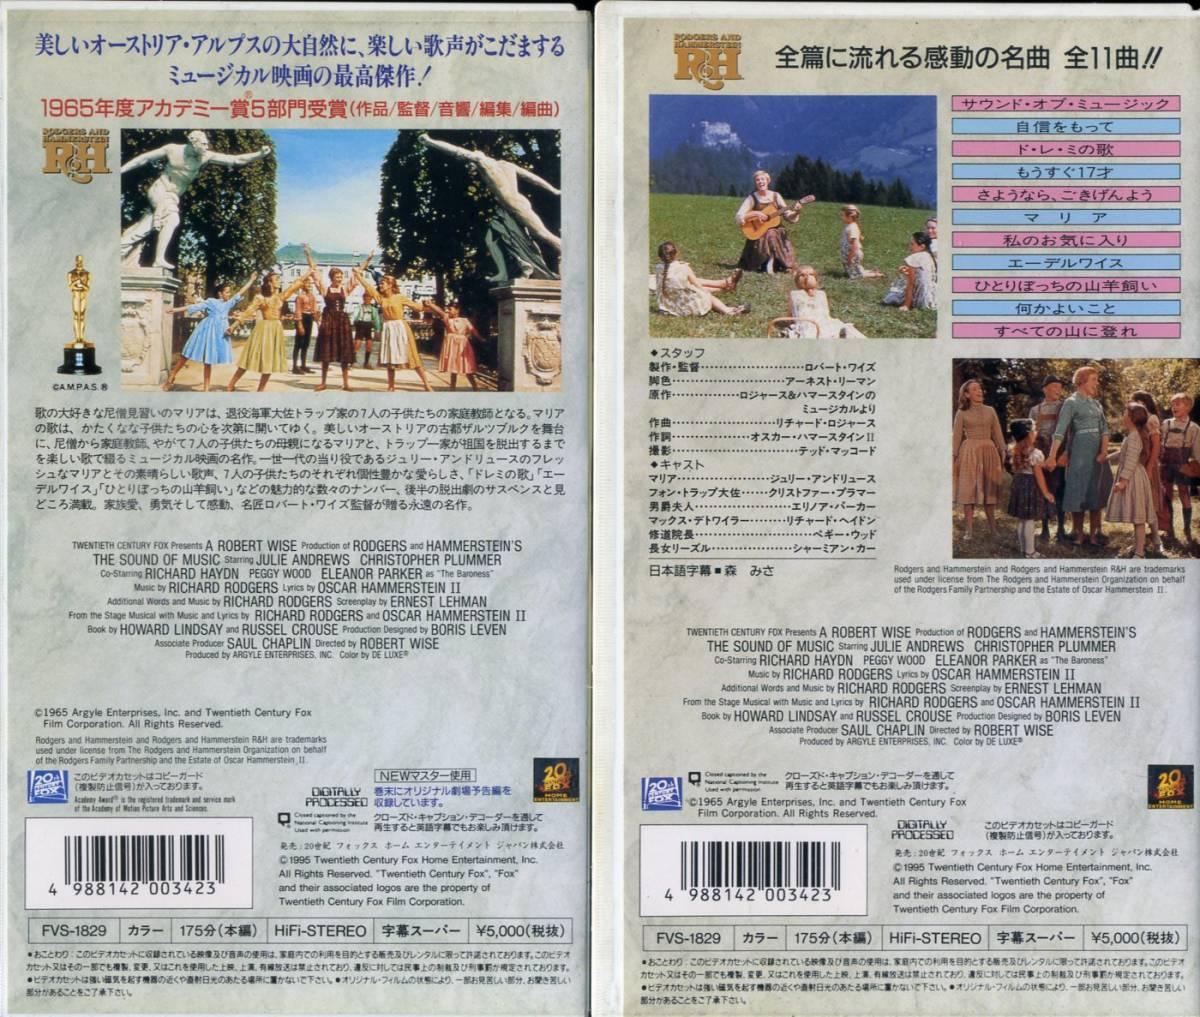 即決〈同梱歓迎〉VHS サウンド・オブ・ミュージック 前後編2本組 音楽 ビデオ◎その他多数出品中∞432_画像3